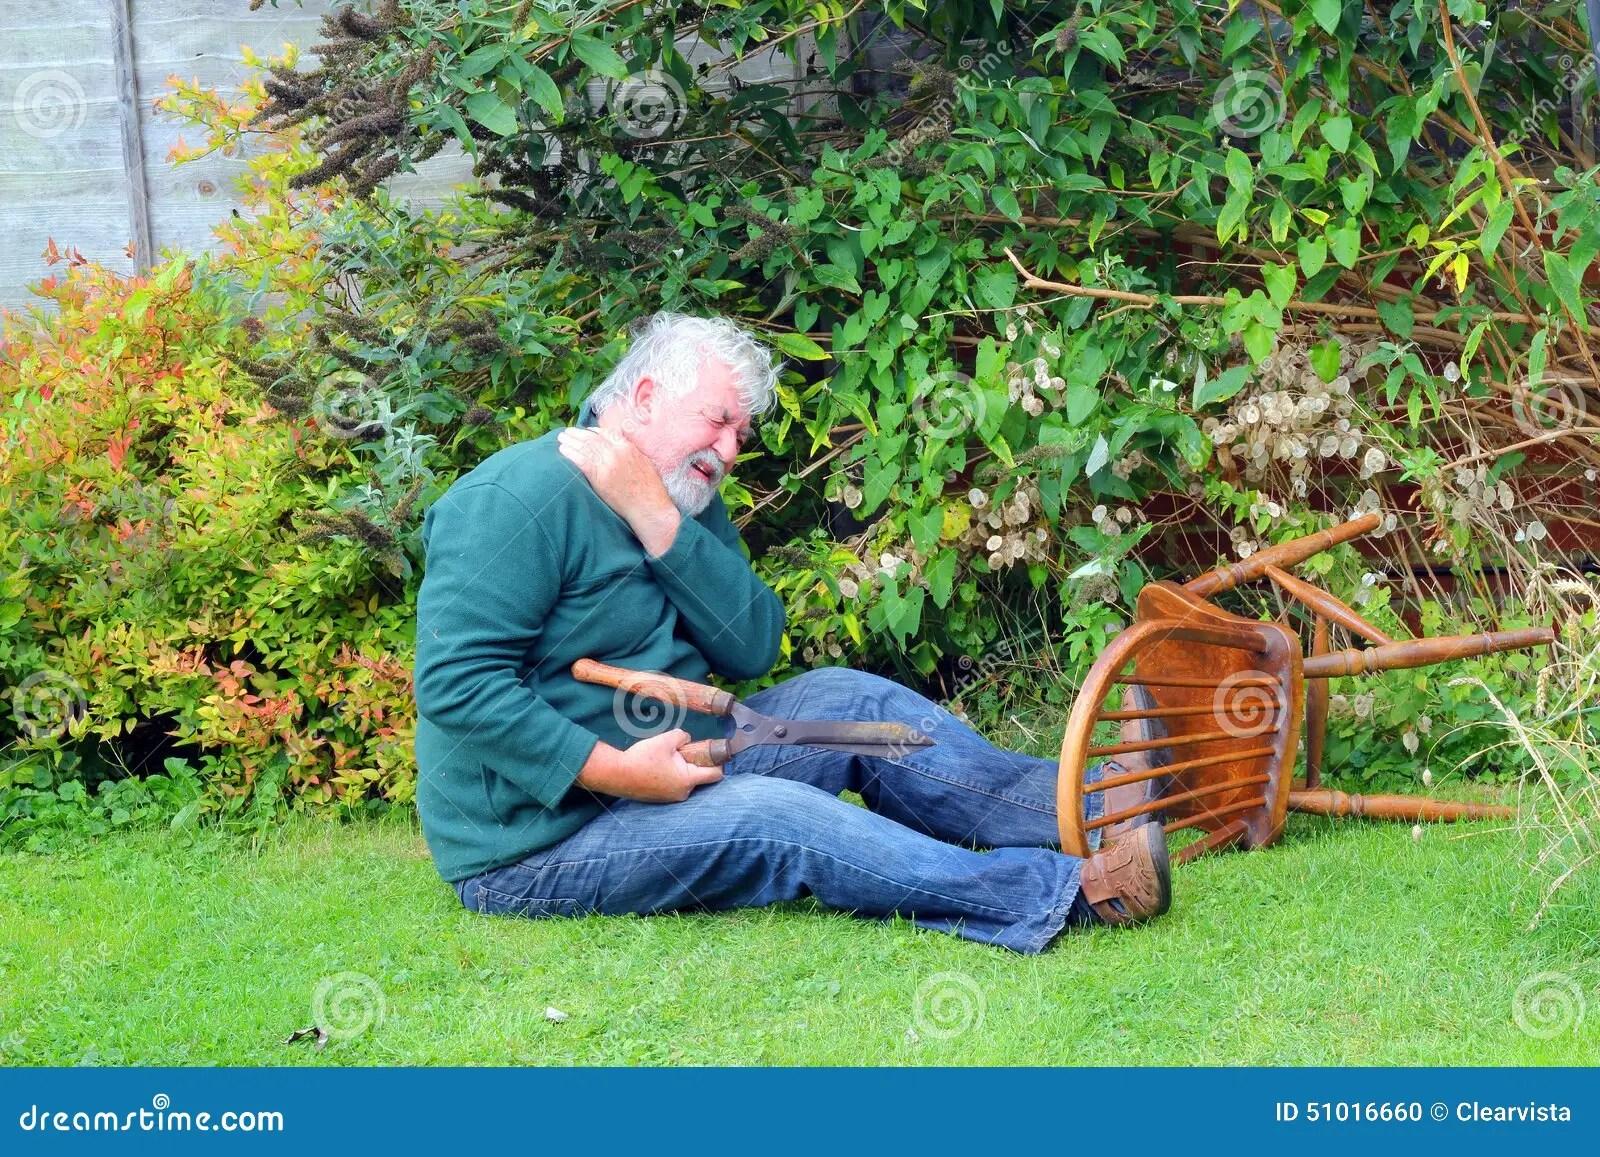 Unfall Garten Vorbei Gefallen Gefahr Stockfoto